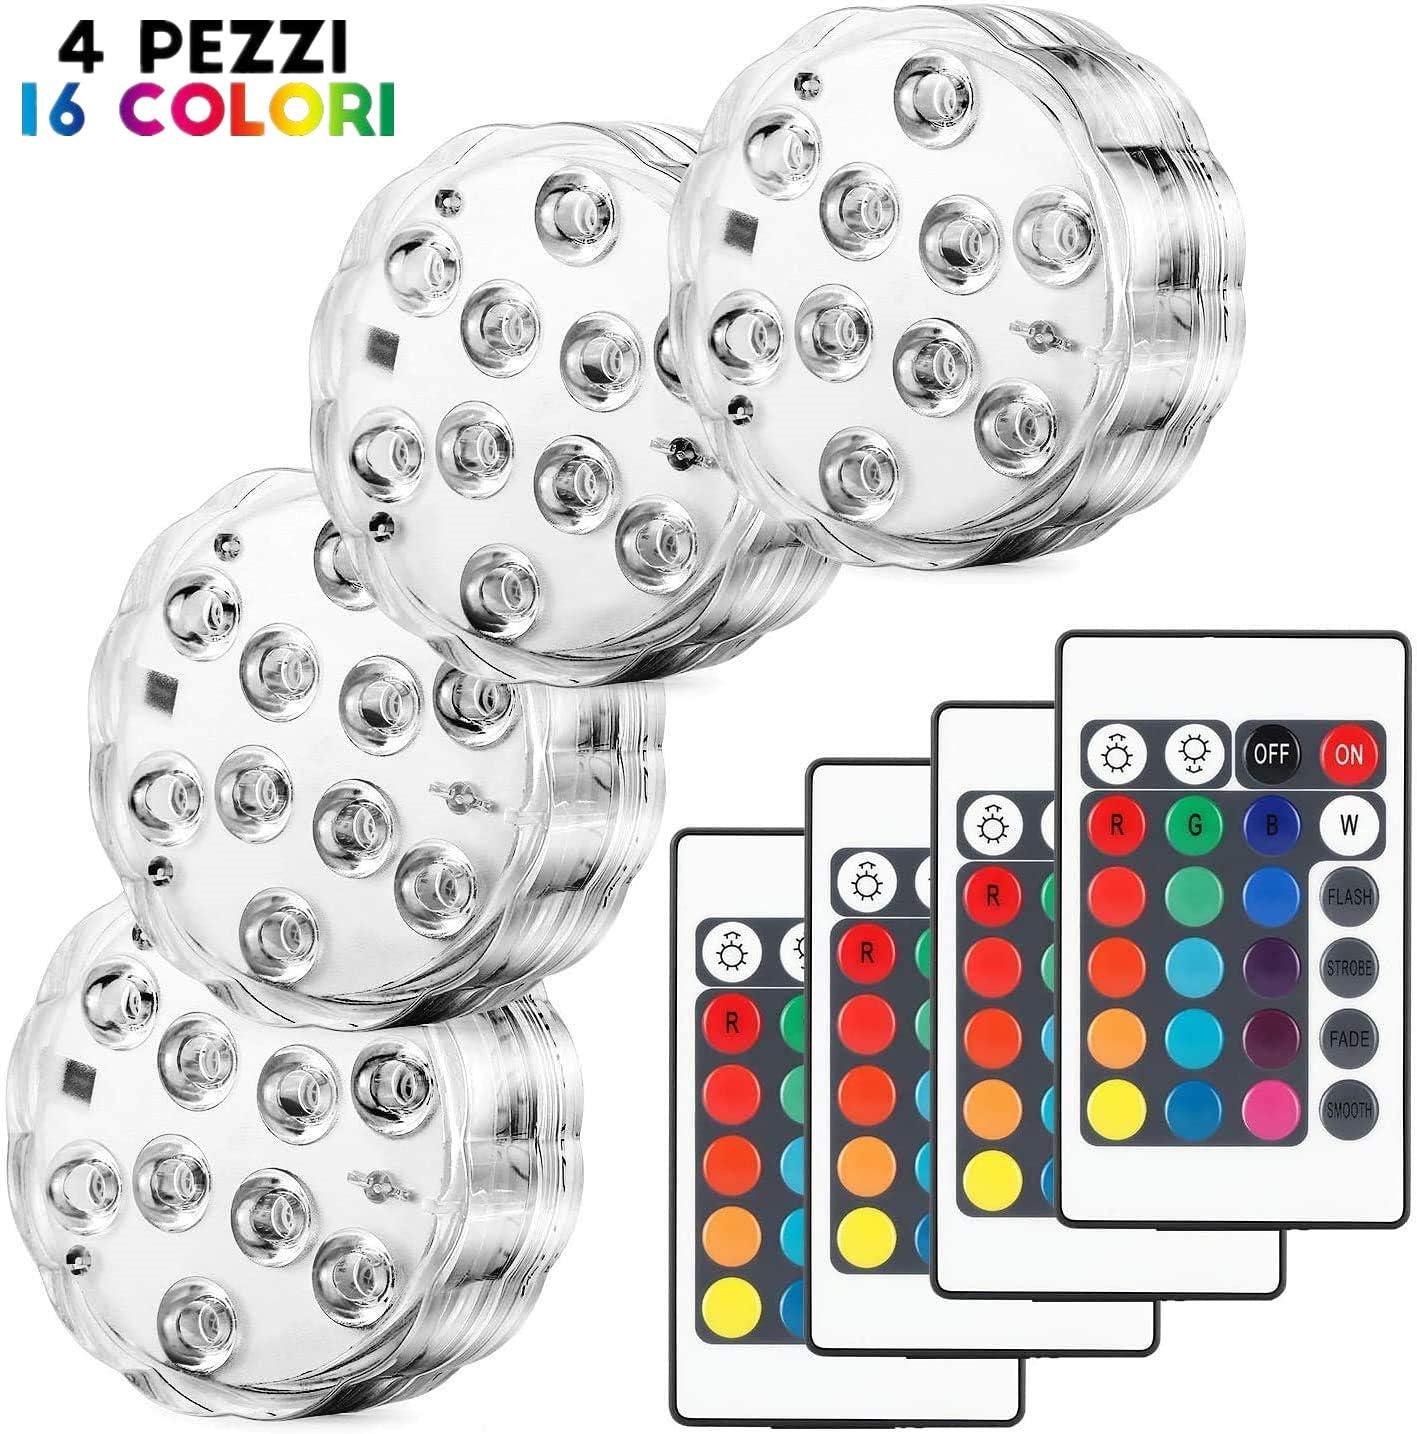 Kohree 4 x Luces Sumergibles LED Bajo El Agua Luz con mando a distancia Luz Acuario LED Piscina Impermeable IP67 Multicolor 16 Colores para Fiesta, Base de Jarrón Navidad Acuario Decoración